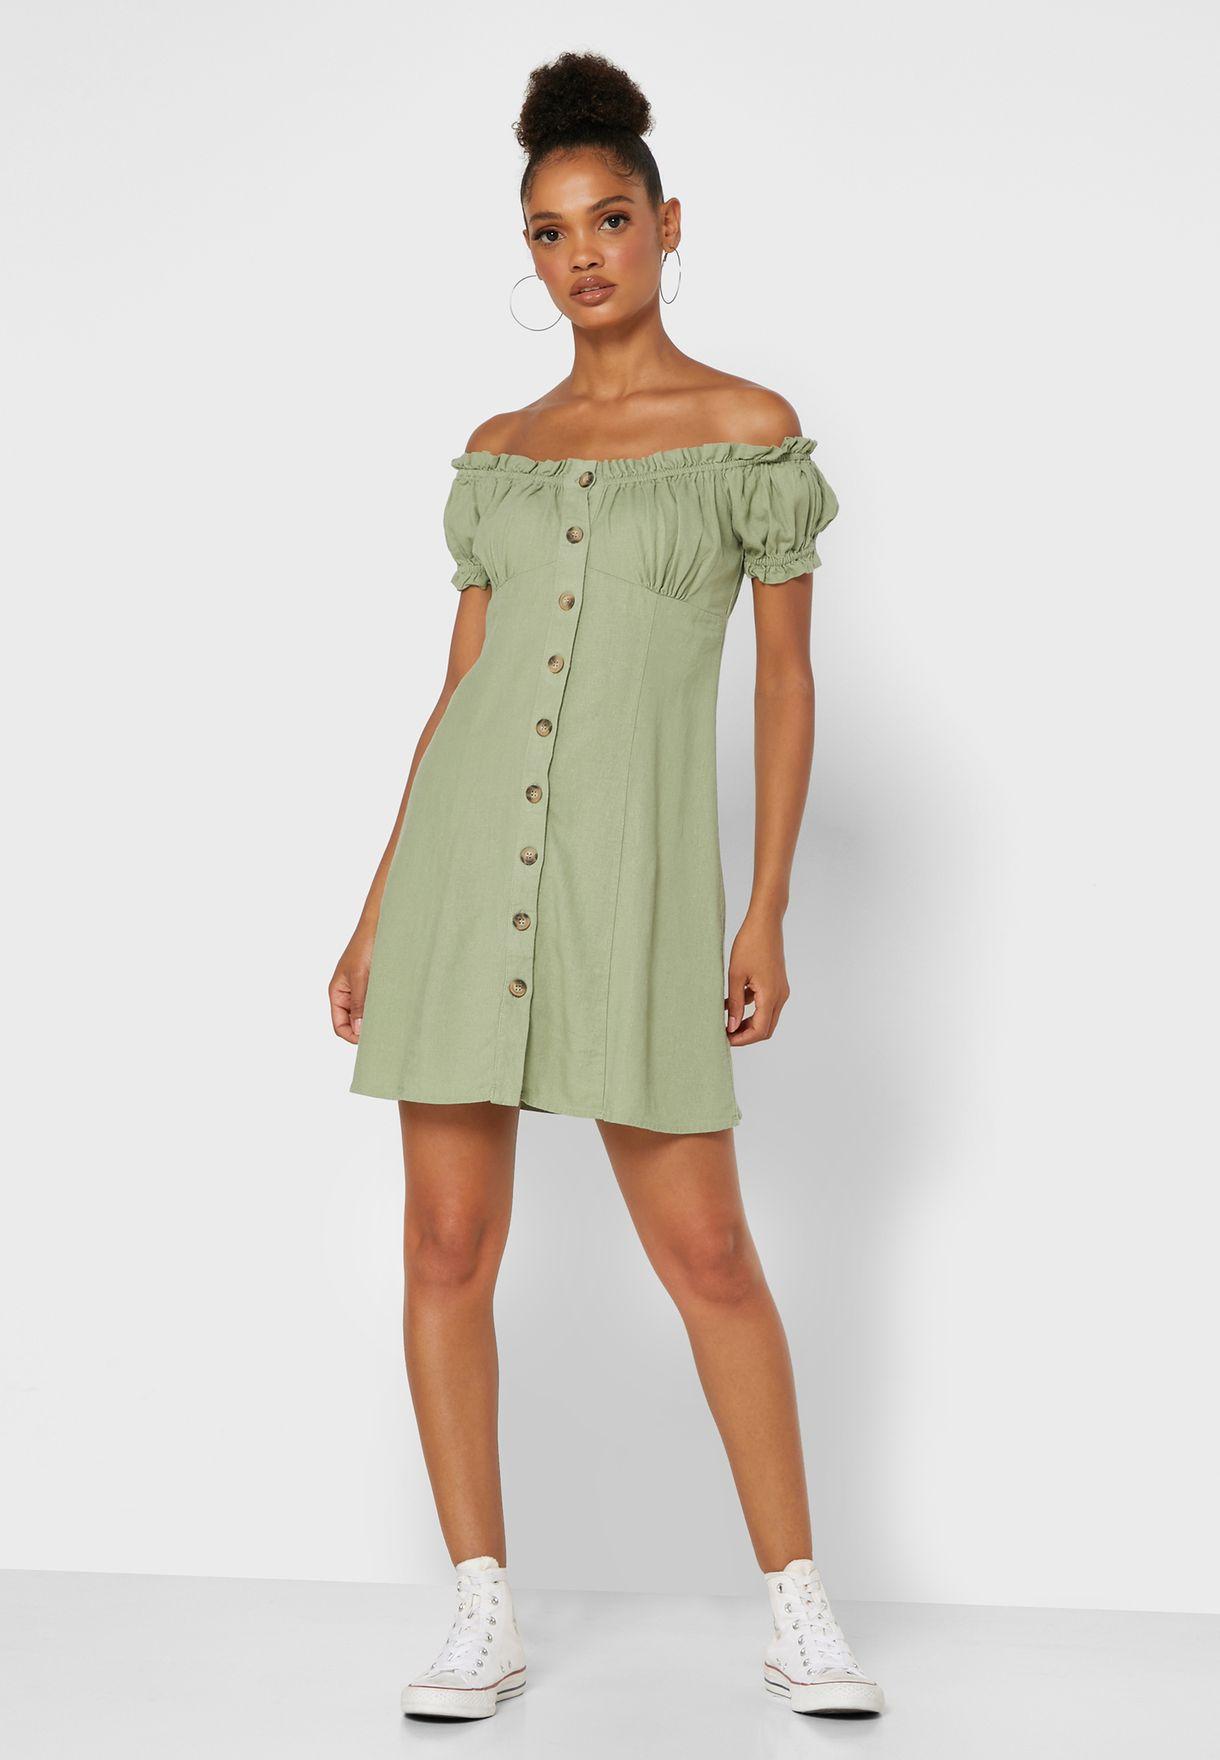 Bardot Milkmaid Dress